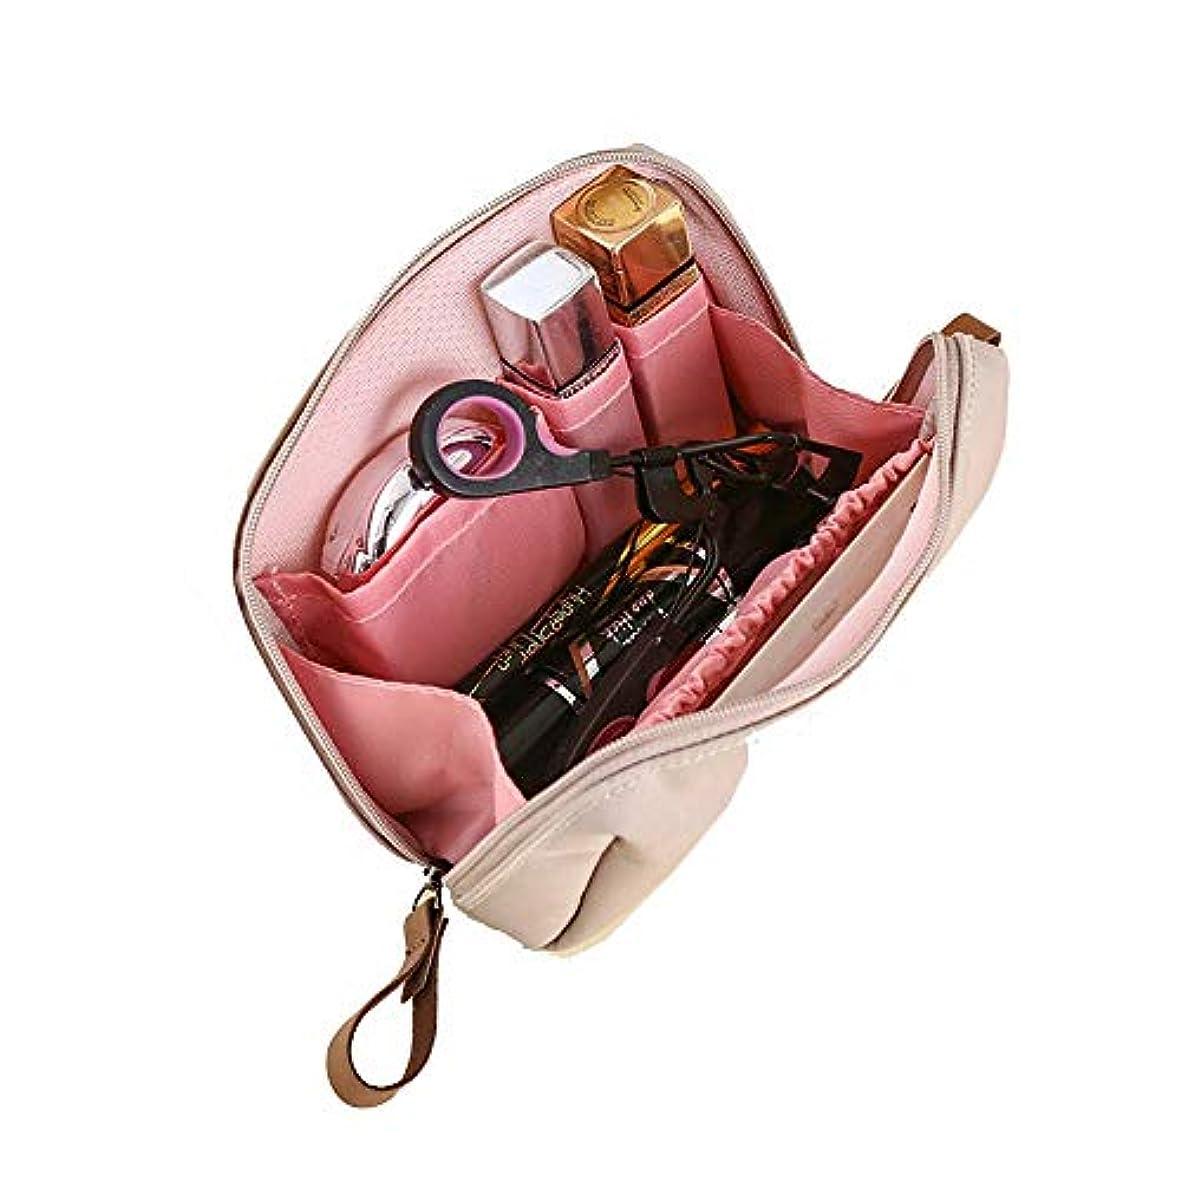 貴重な過剰スツールMOCOFO 無地の化粧ポーチ コスメポーチ小物入れ ペンケース ピンク 大容量レディバニティバッグ